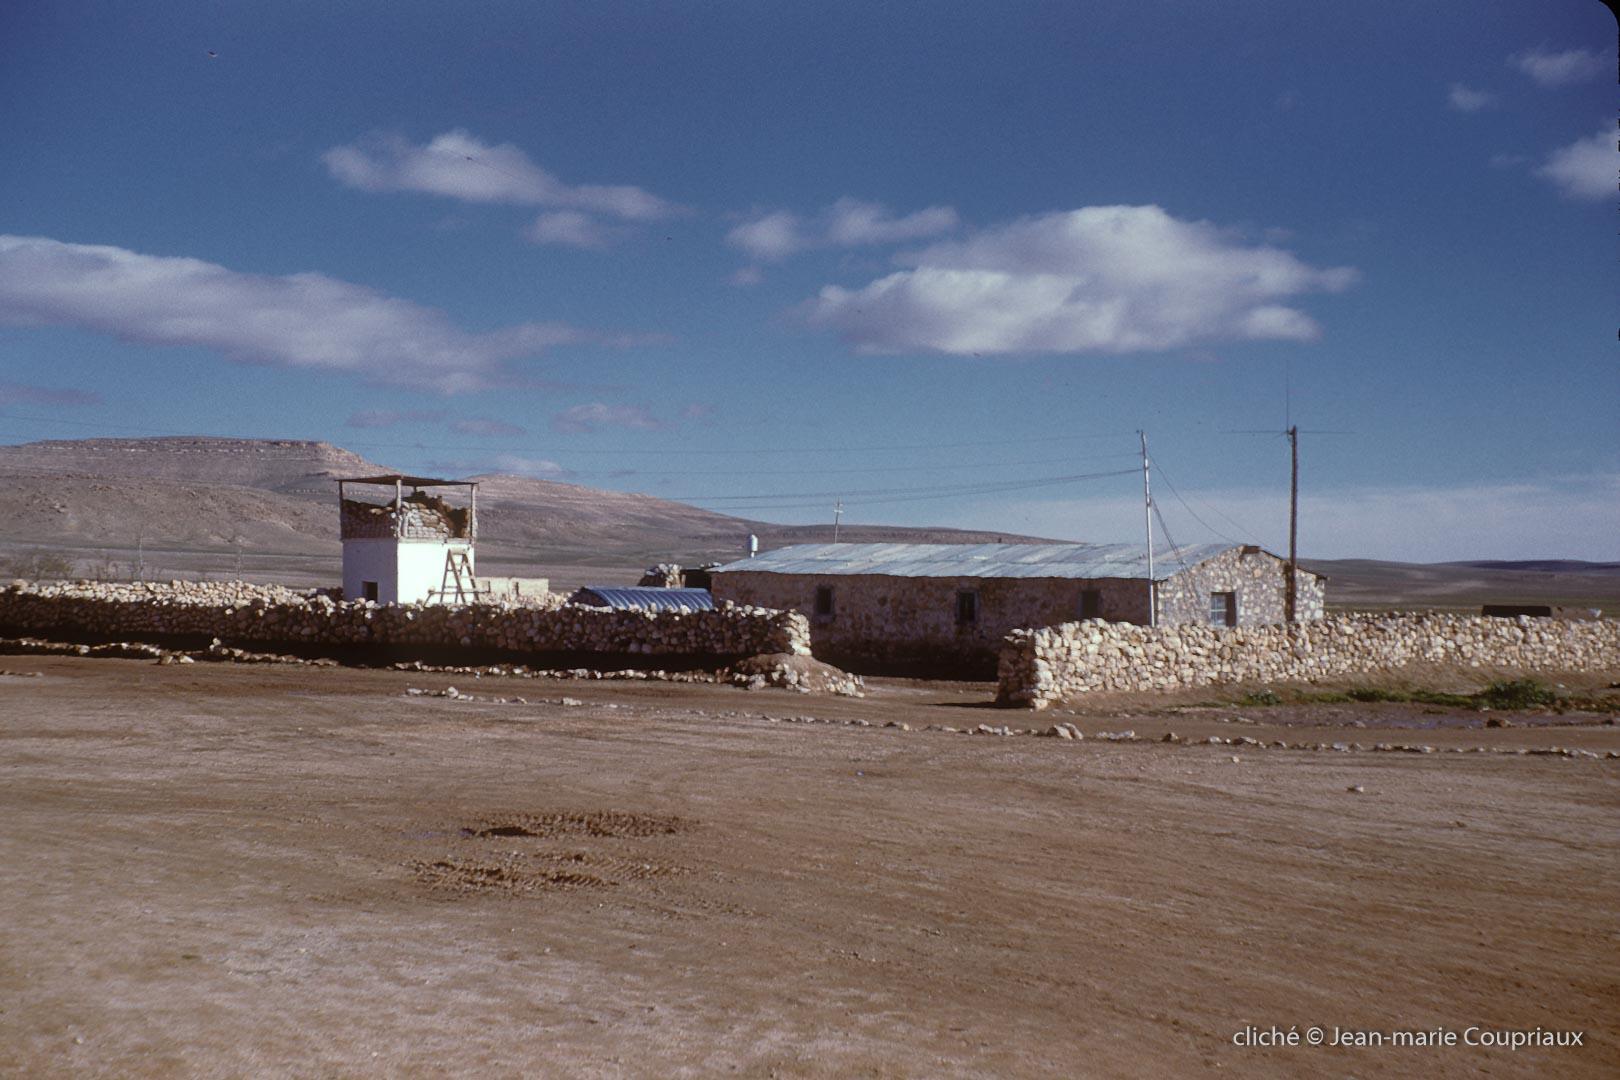 311-1958_Algerie-63